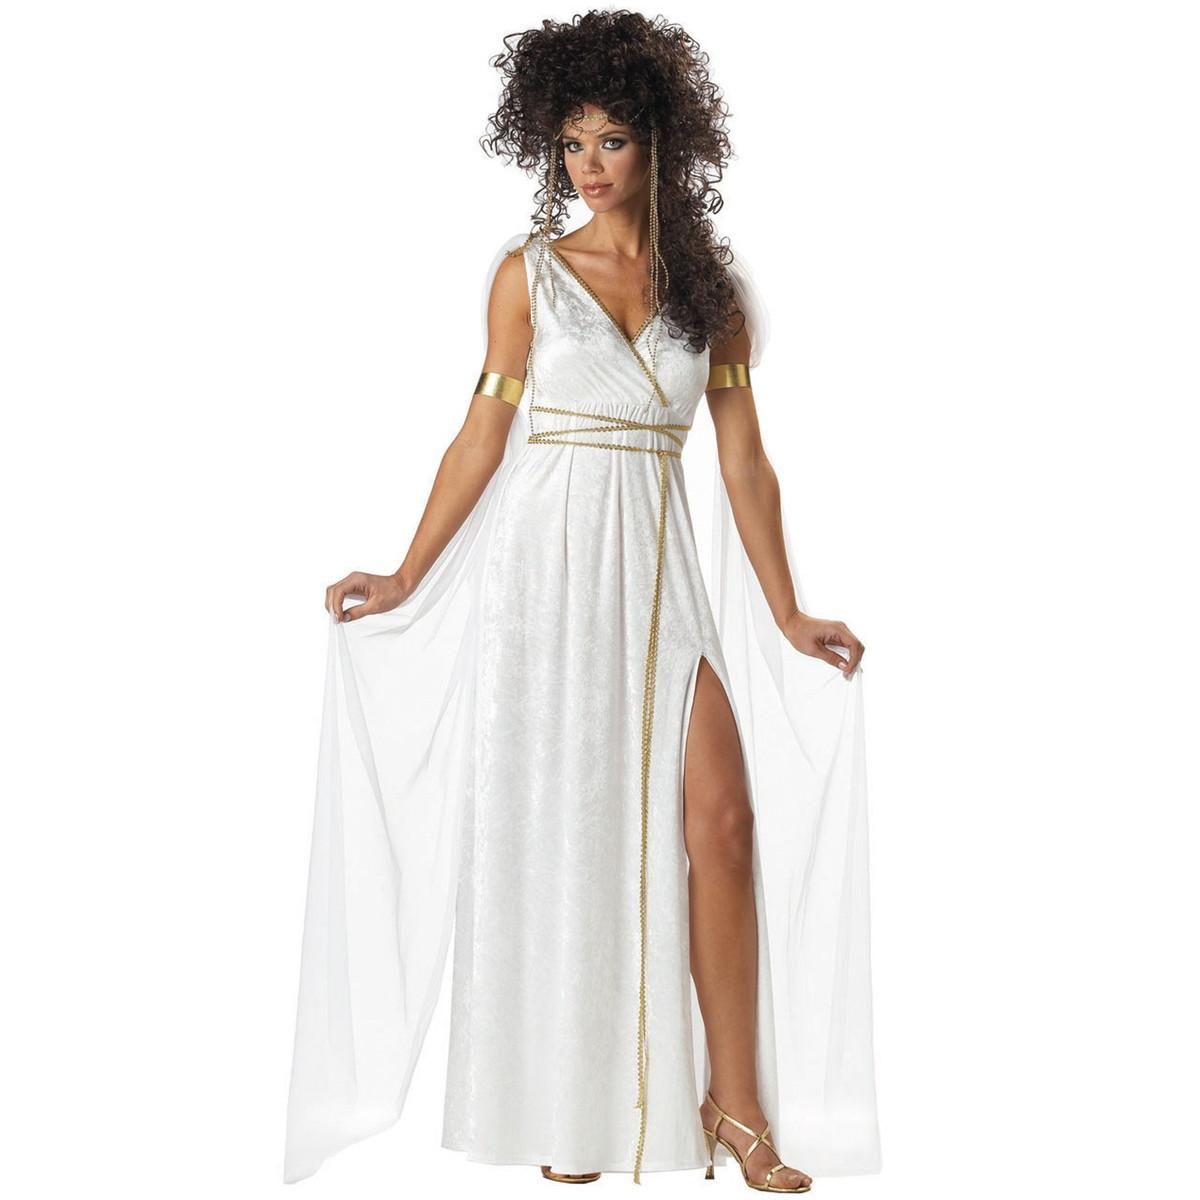 女神 ギリシャ神話 古代 ハロウィン コスプレ 衣装 古代ギリシャ アテネの女神 大人用セクシーコスチューム